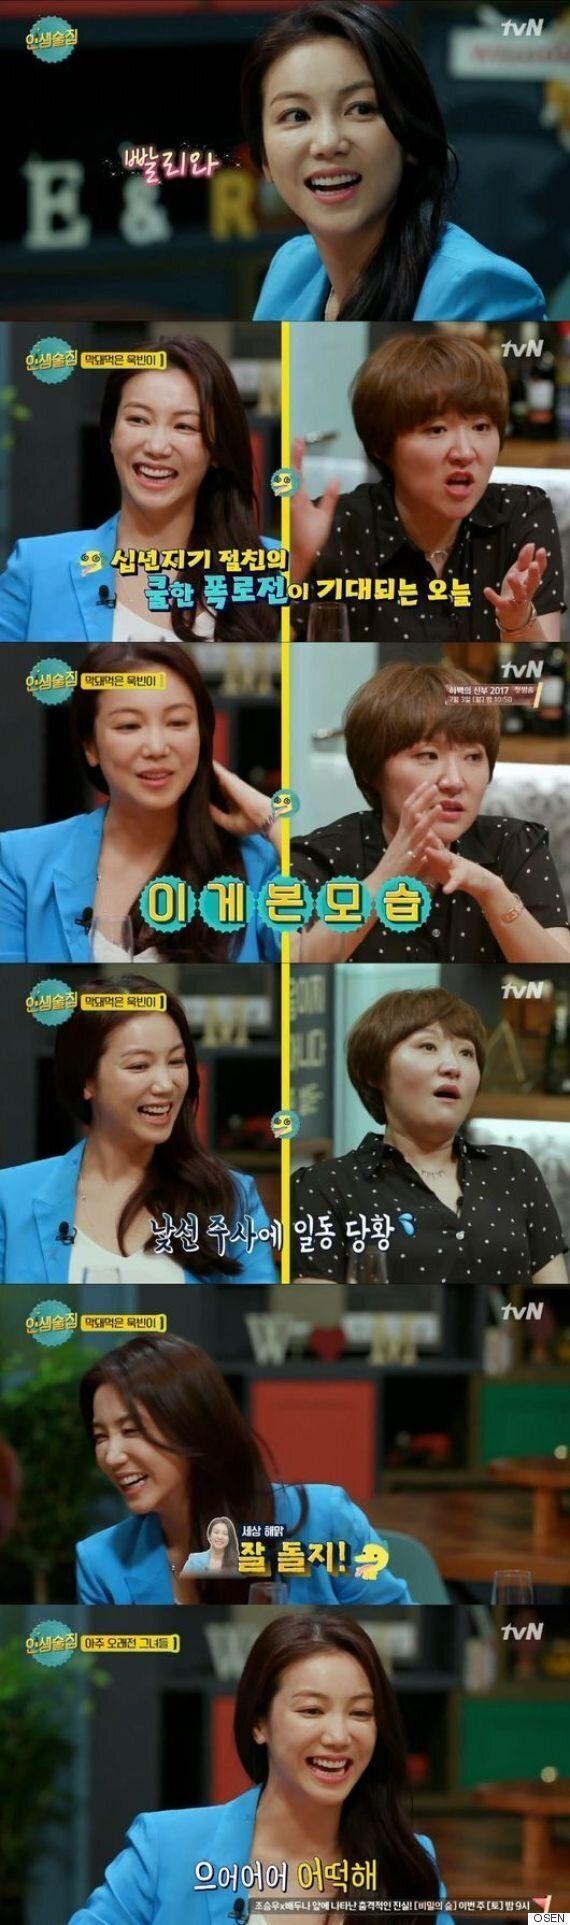 [어저께TV] '인생술집' 김옥빈, 취하니 더 매력적인